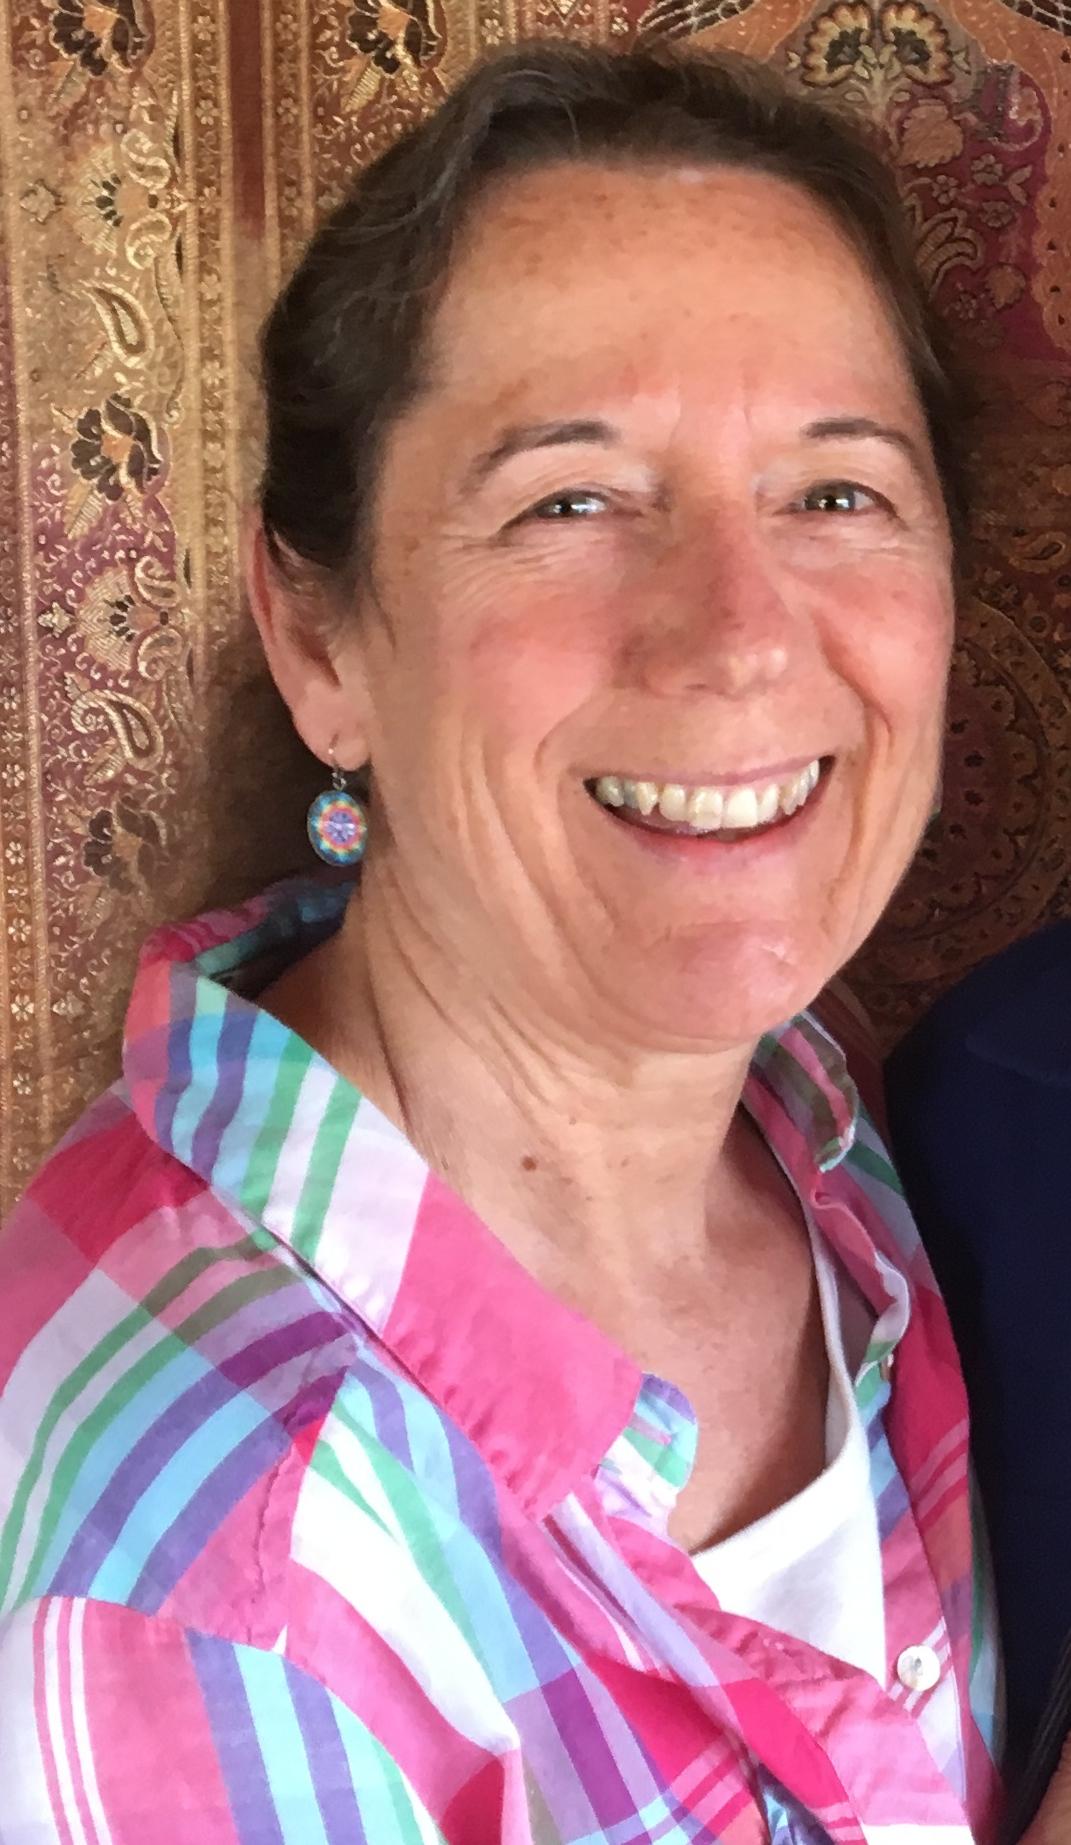 Marge Wurgel